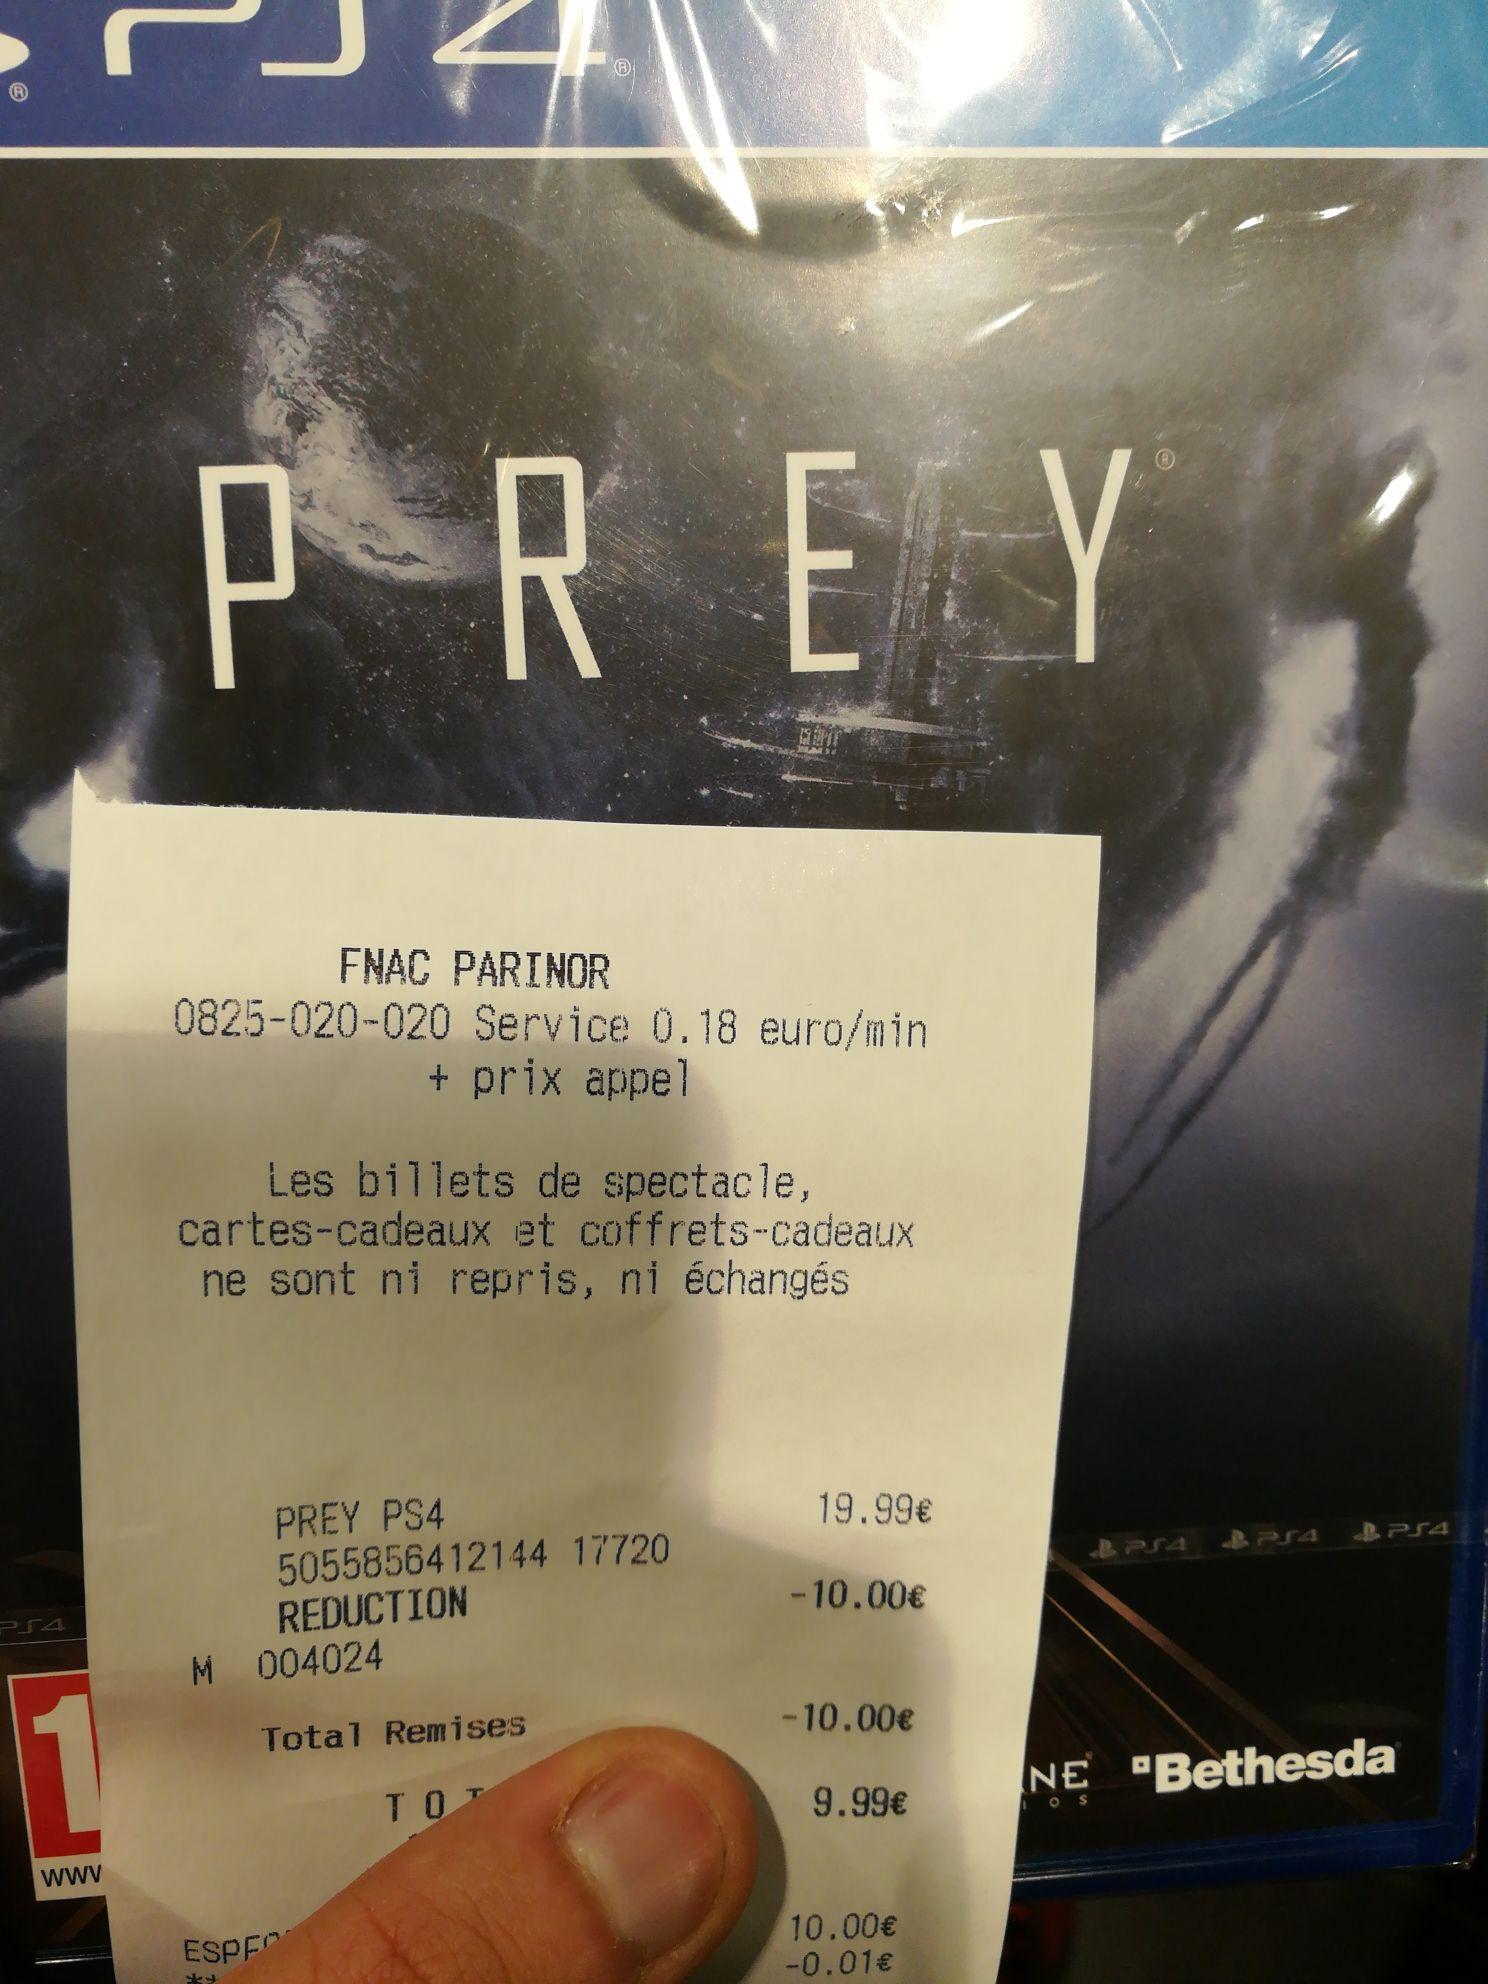 Prey sur PS4 - O'Parinor - Aulnay-Sous-Bois (93)